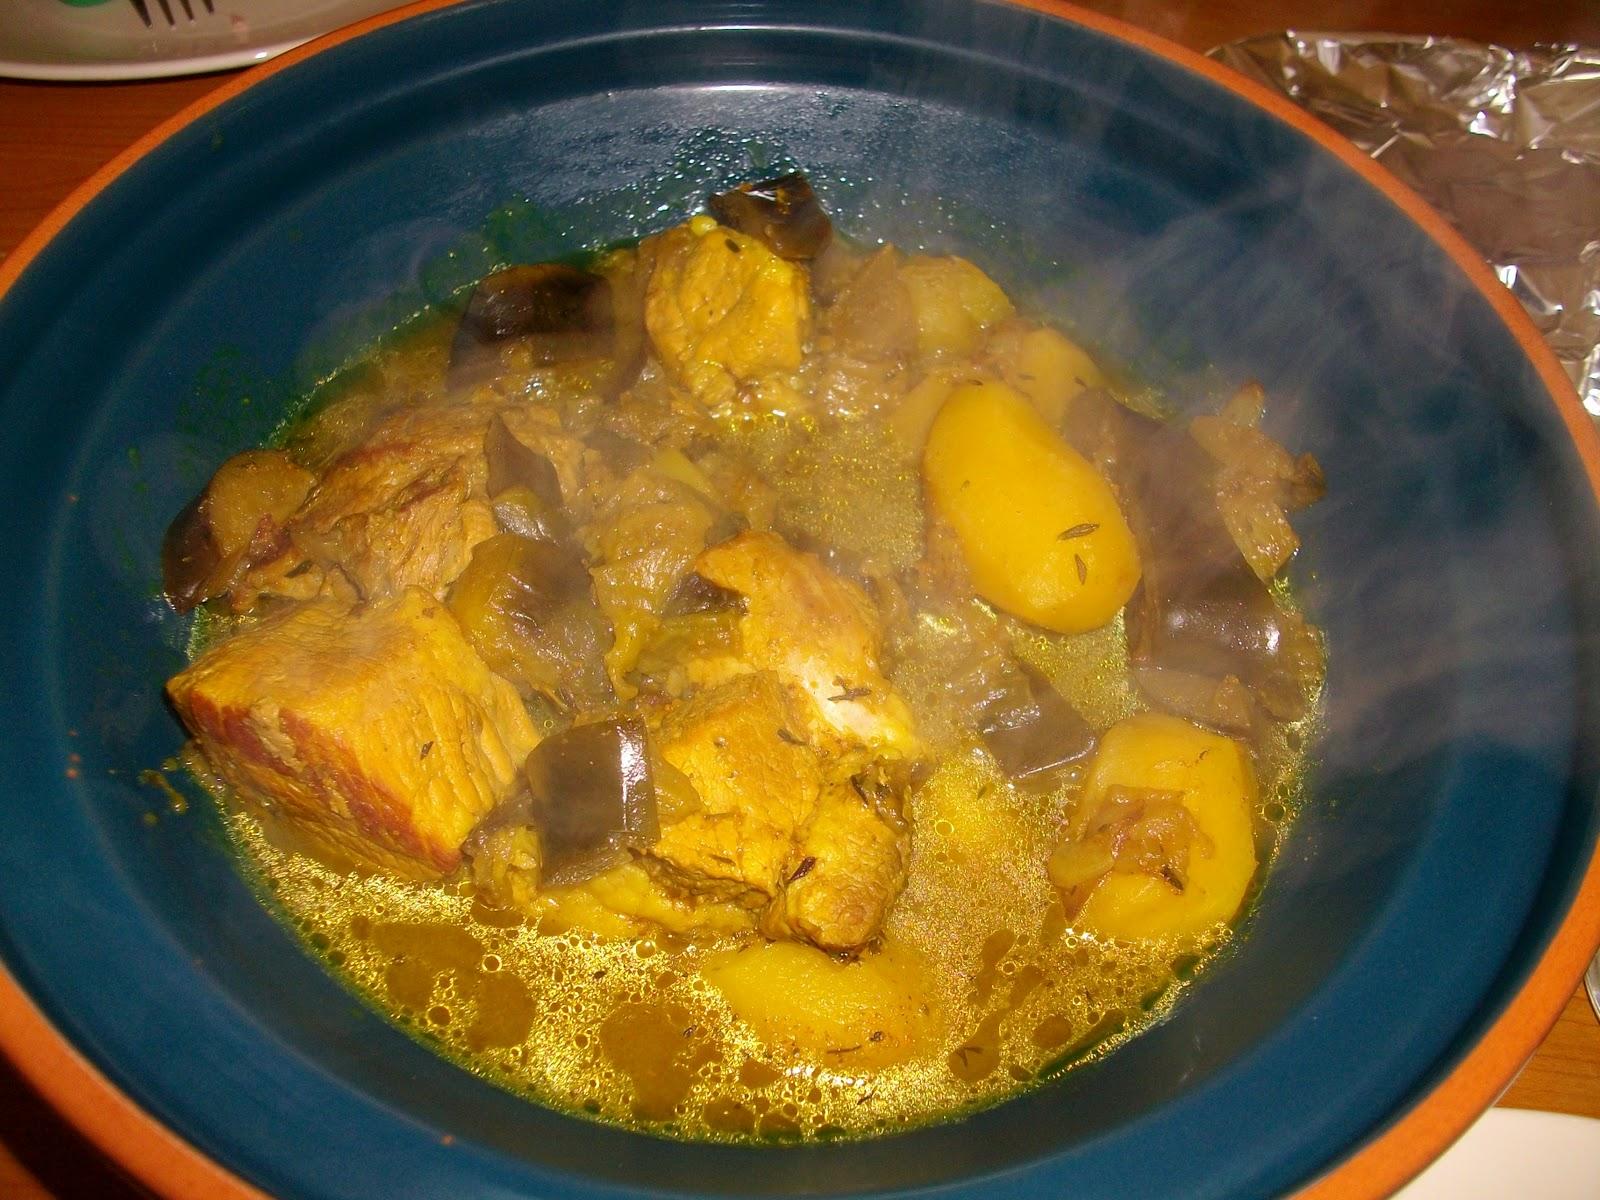 Mon livre de cuisine saut de porc aux aubergines et au curry - Cuisiner un saute de porc ...